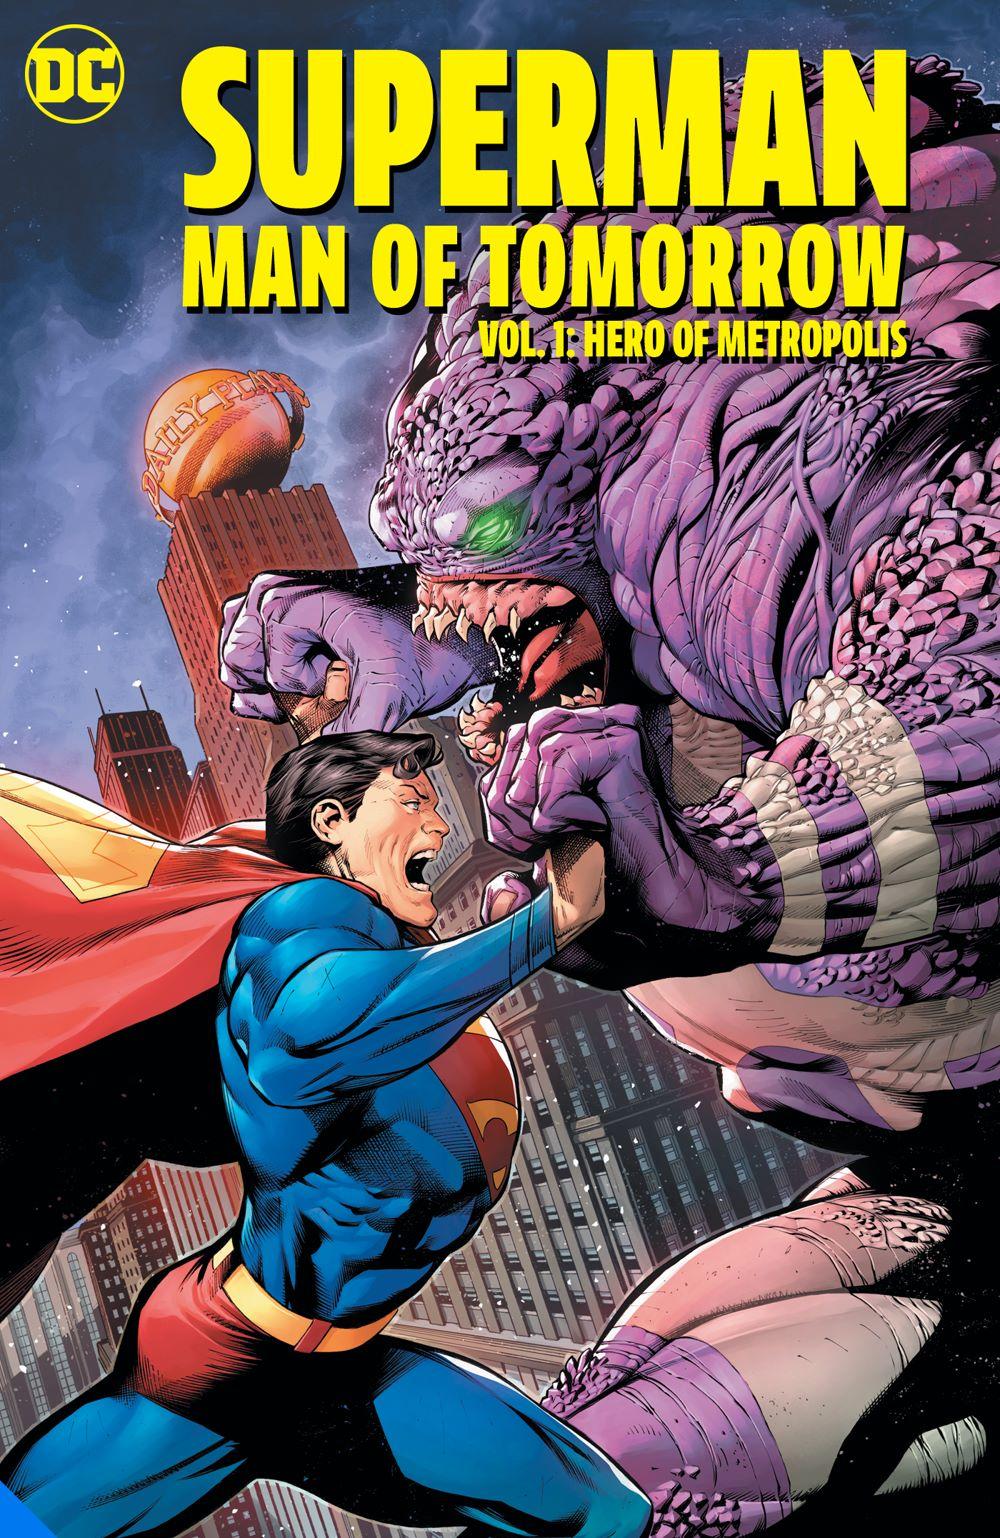 supermanmanoftomorrow-vol1_adv DC Comics June 2021 Solicitations